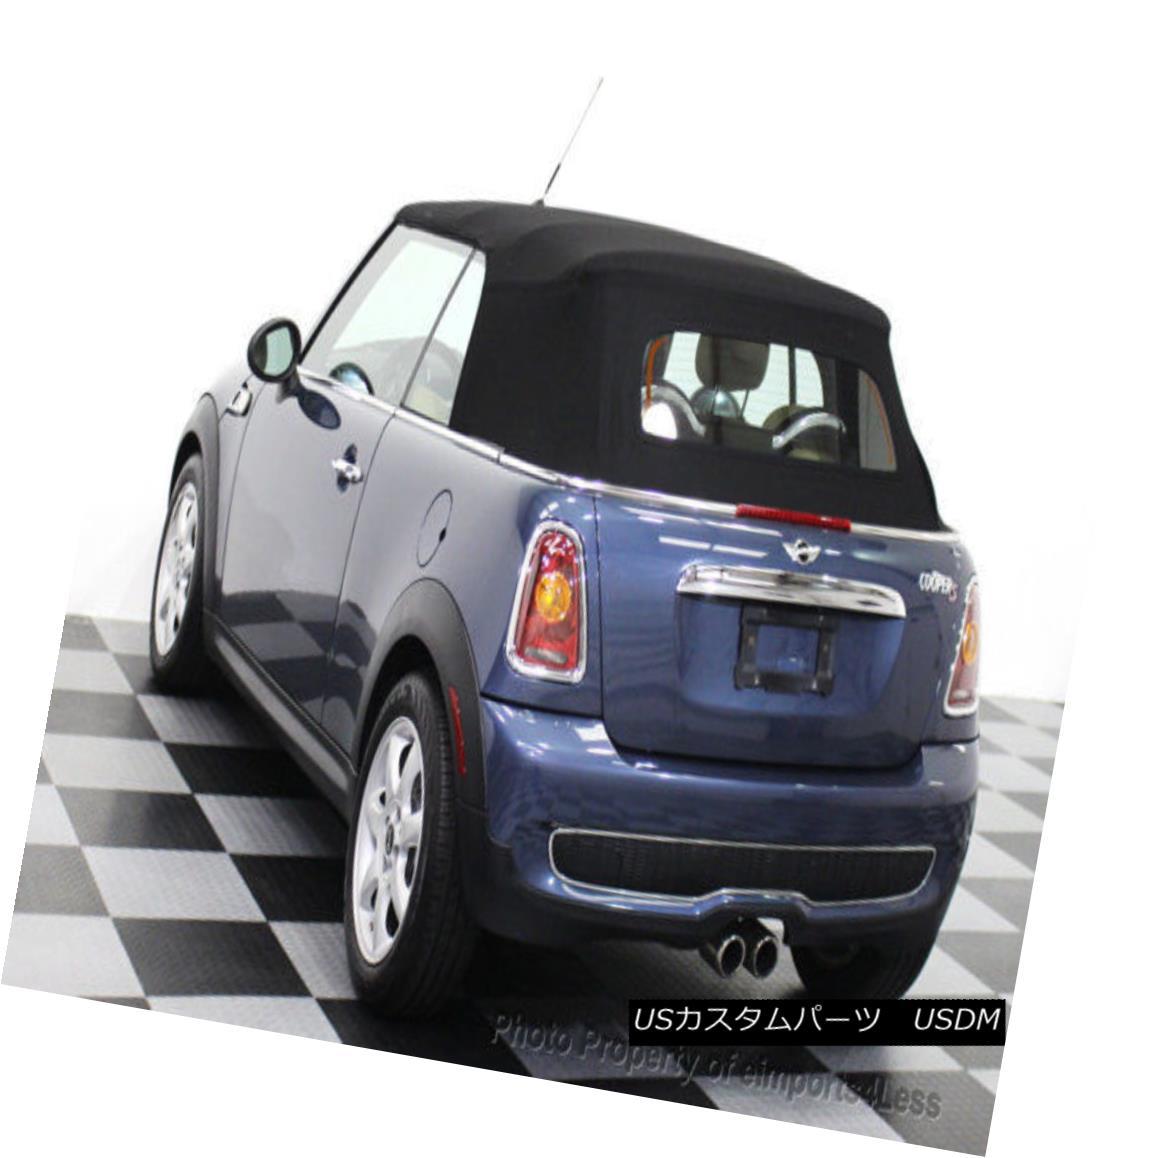 幌・ソフトトップ 2009-2015 Mini Cooper Replacement Convertible Soft Top in Bordeaux 2009-2015ボルドーのミニクーパー交換コンバーチブルソフトトップ